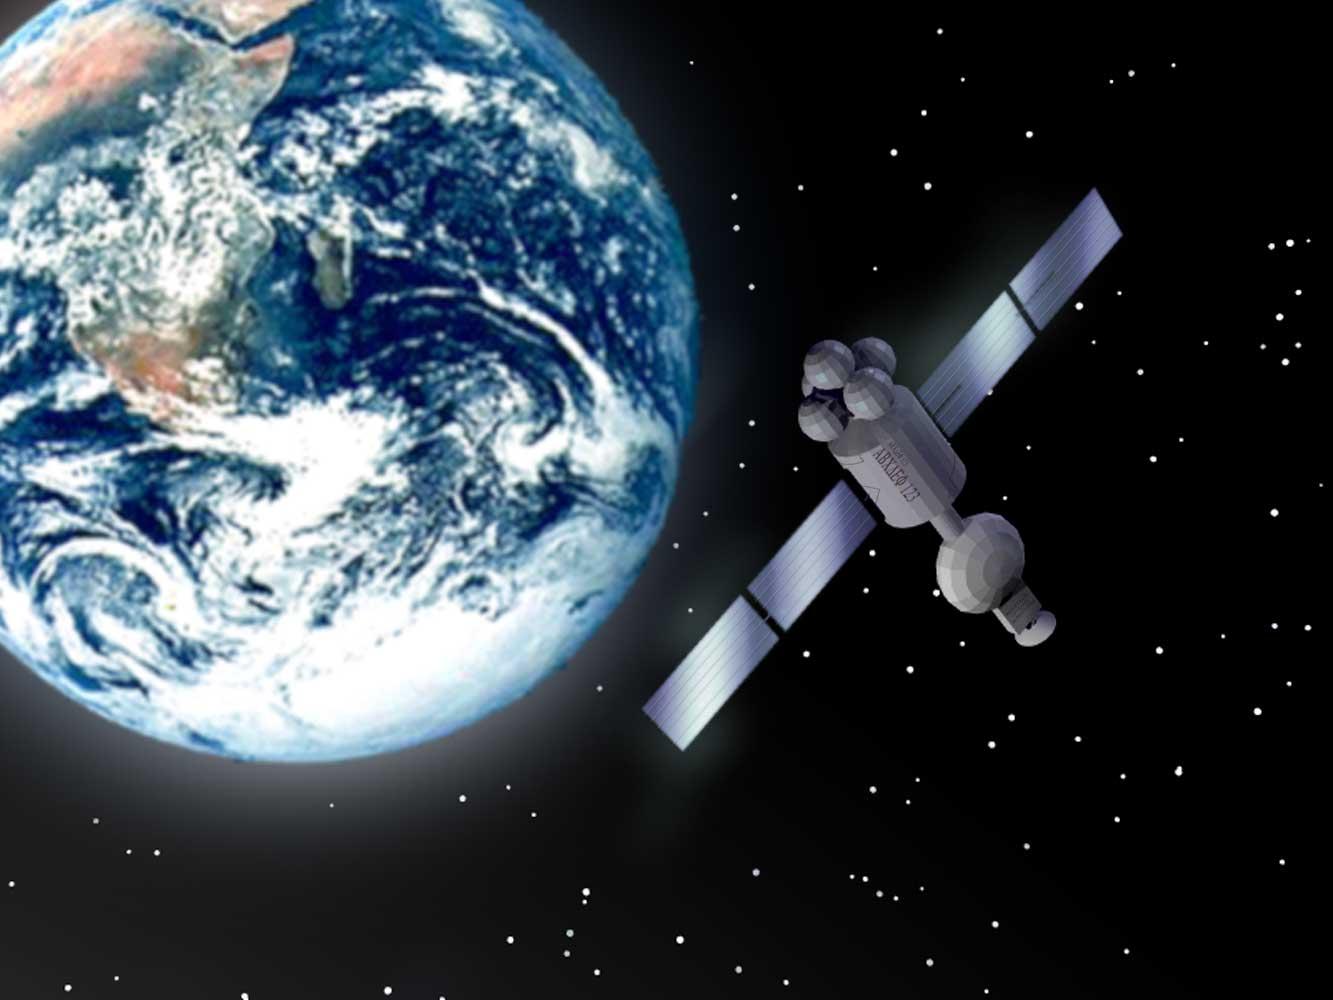 Entran en órbita satélites chinos para evitar tragedias como la del MH370